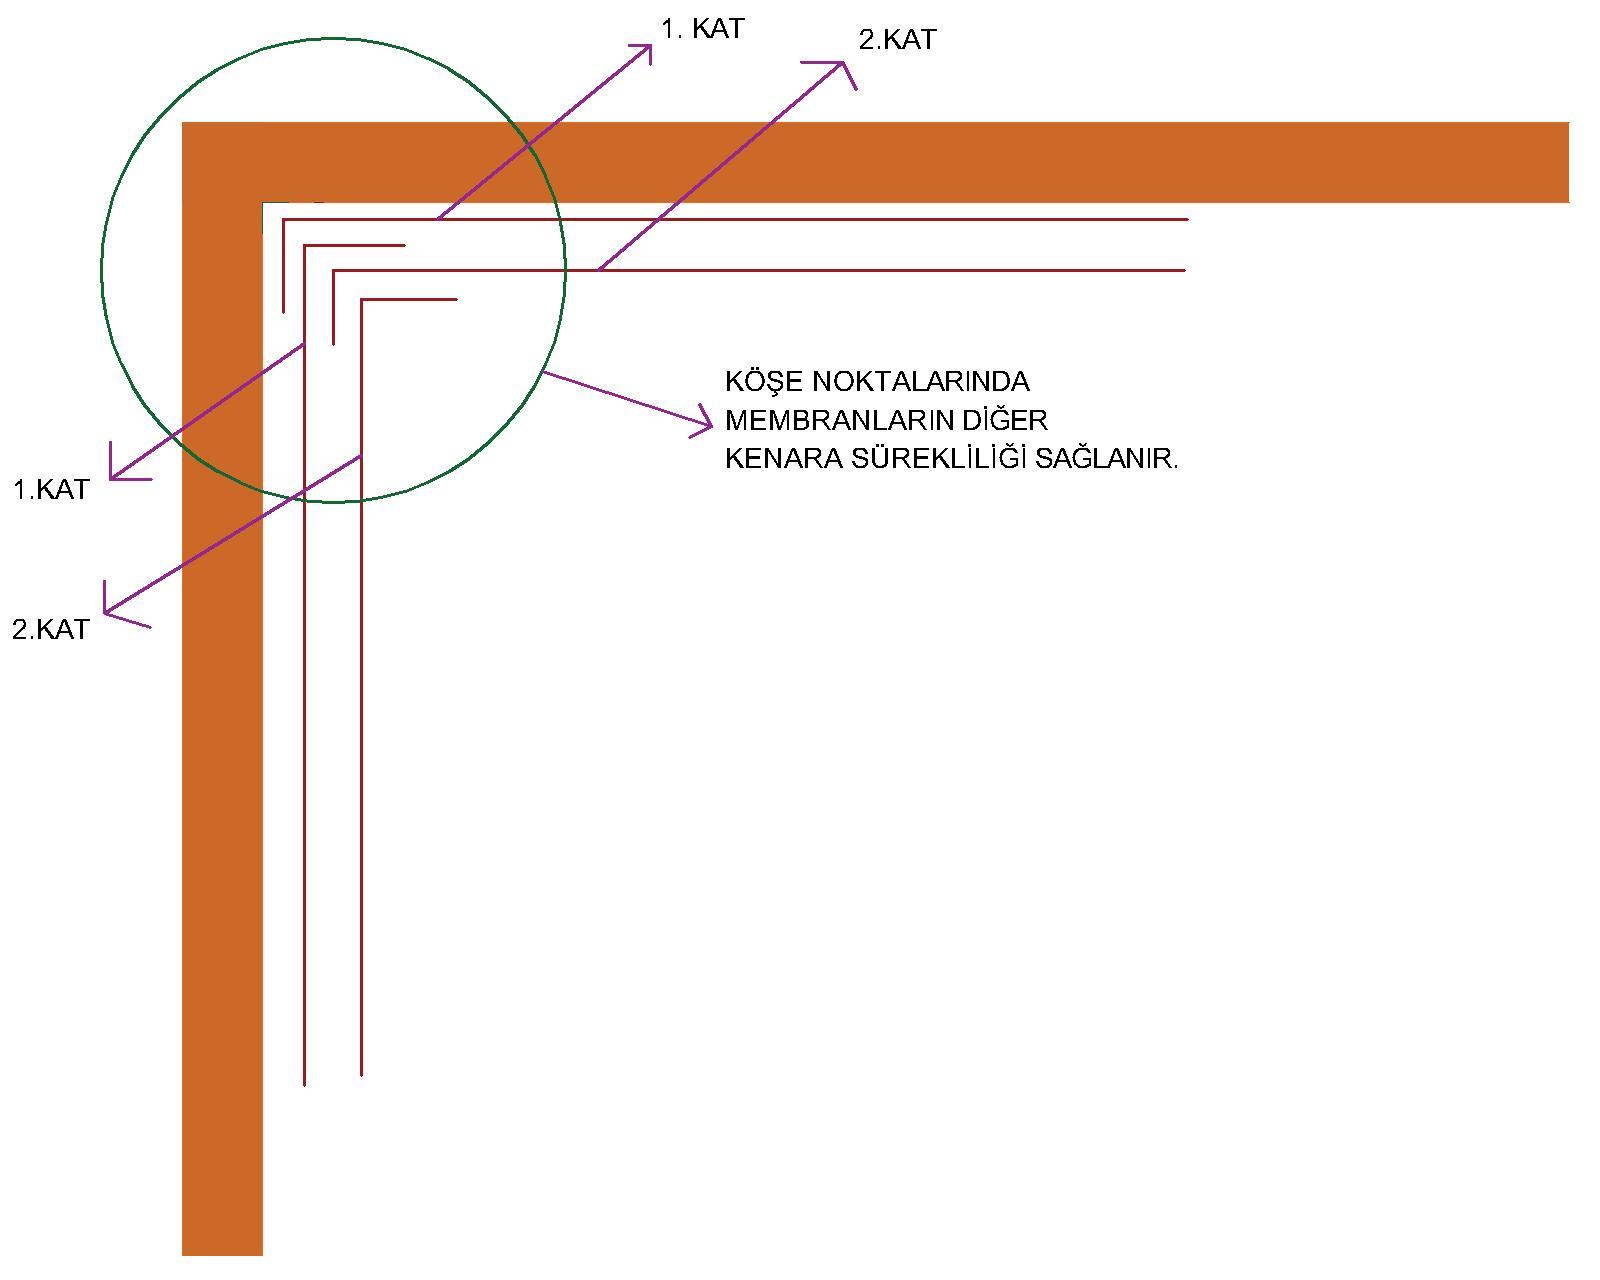 koselerde-membran-surekliligi